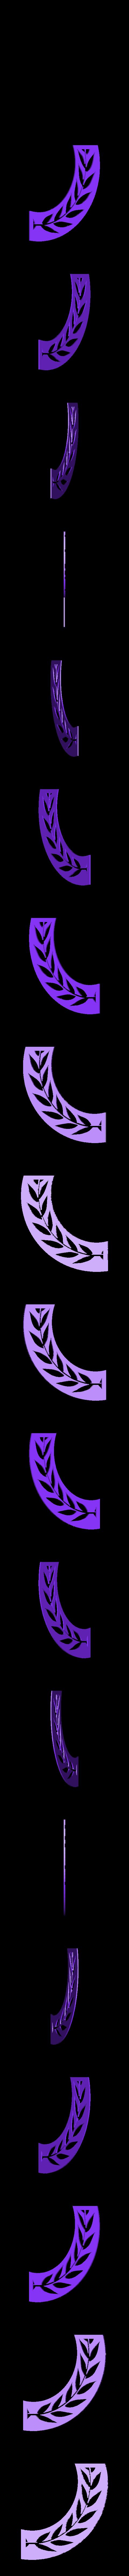 vexilloid-stencils4.stl Download free STL file Roman SPQR banner stencil • 3D print object, arpruss